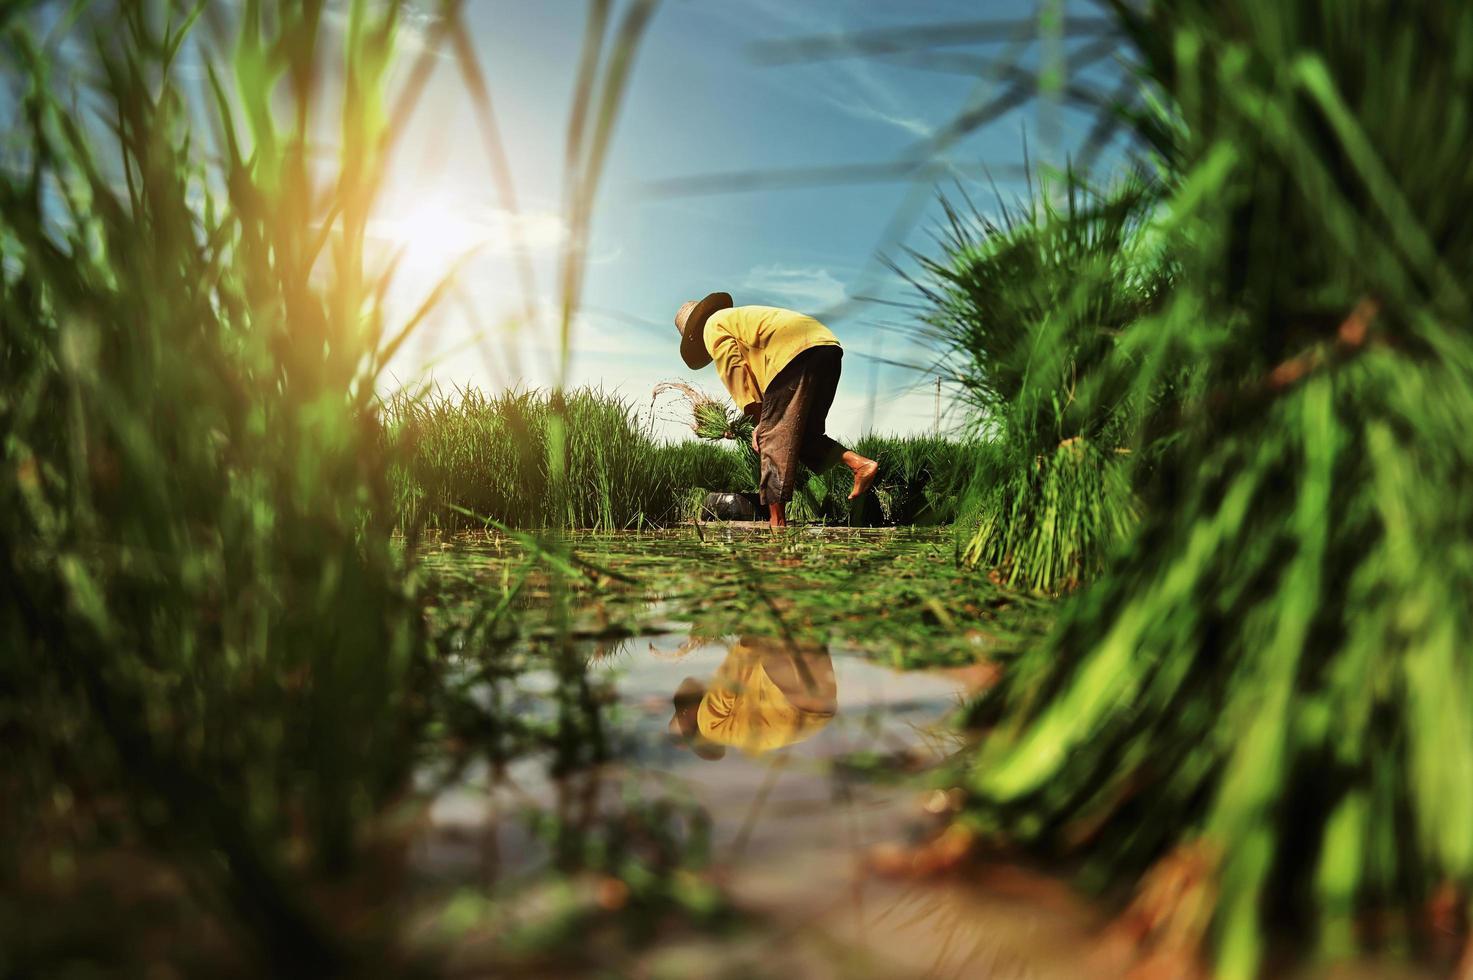 personne plantant dans une rizière photo